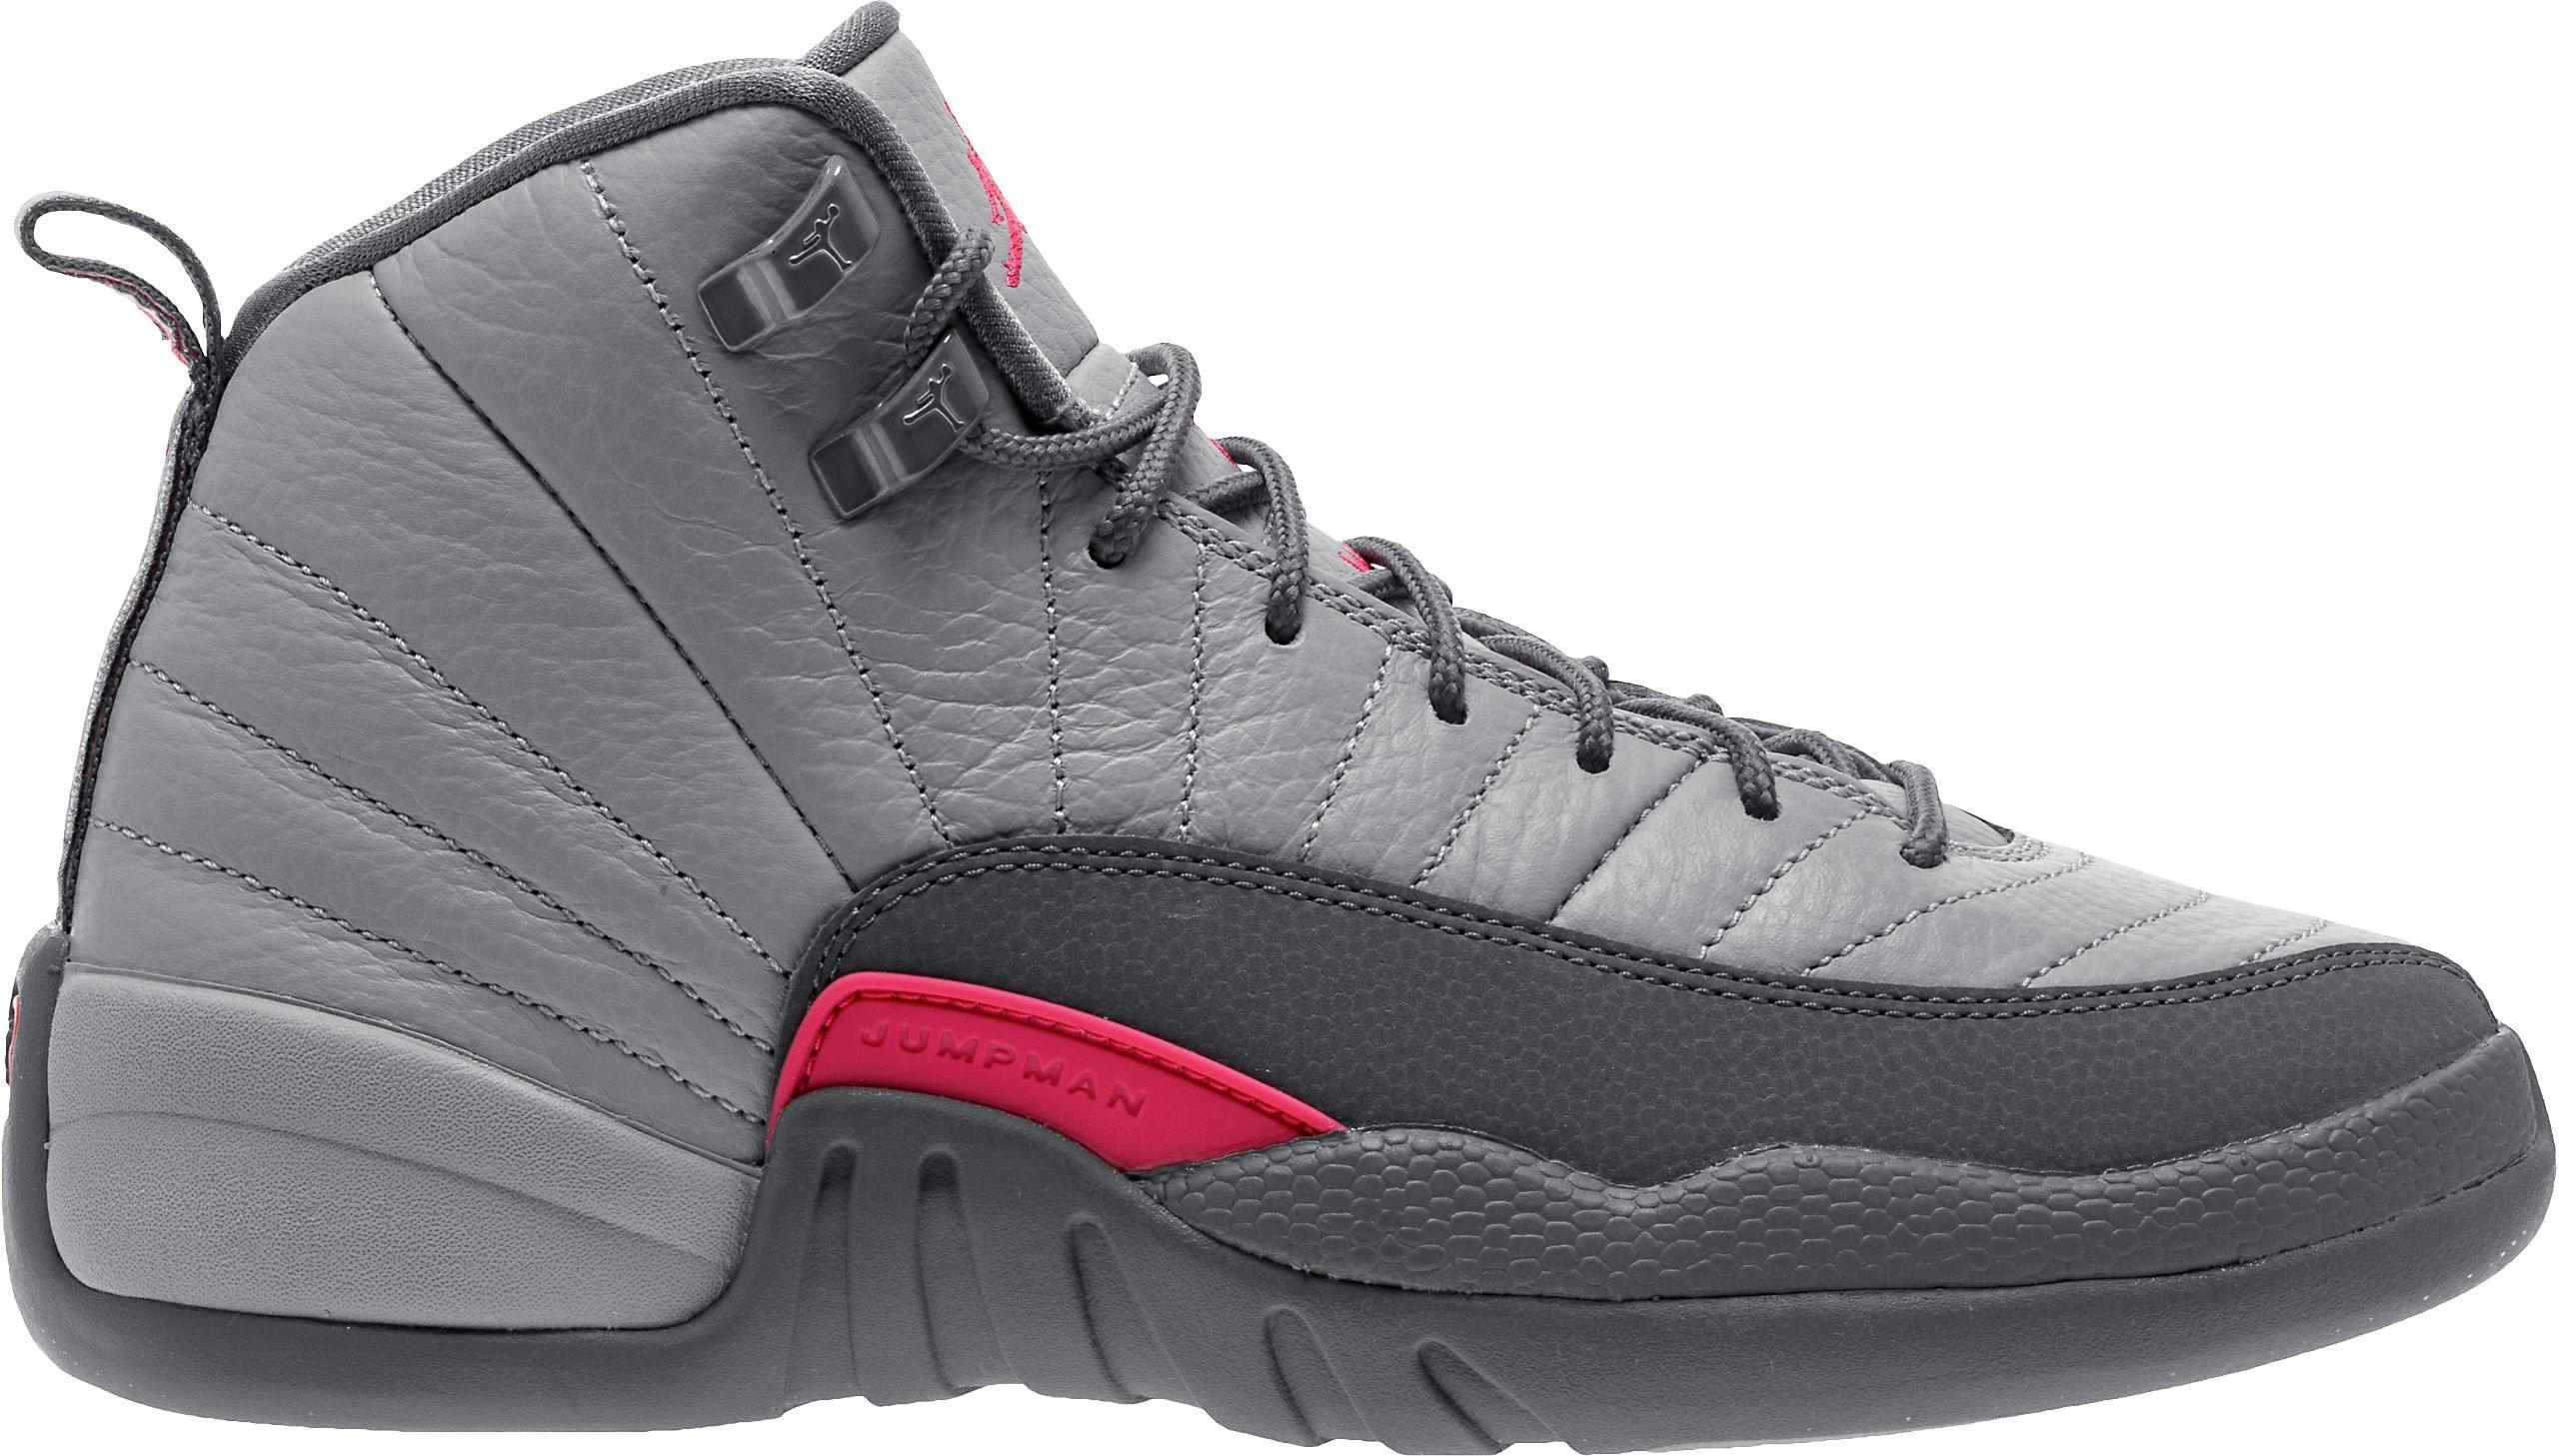 Nike Mens Air Jordan 12 Vivid Grey Pink GG 510815 029 sz 7y us